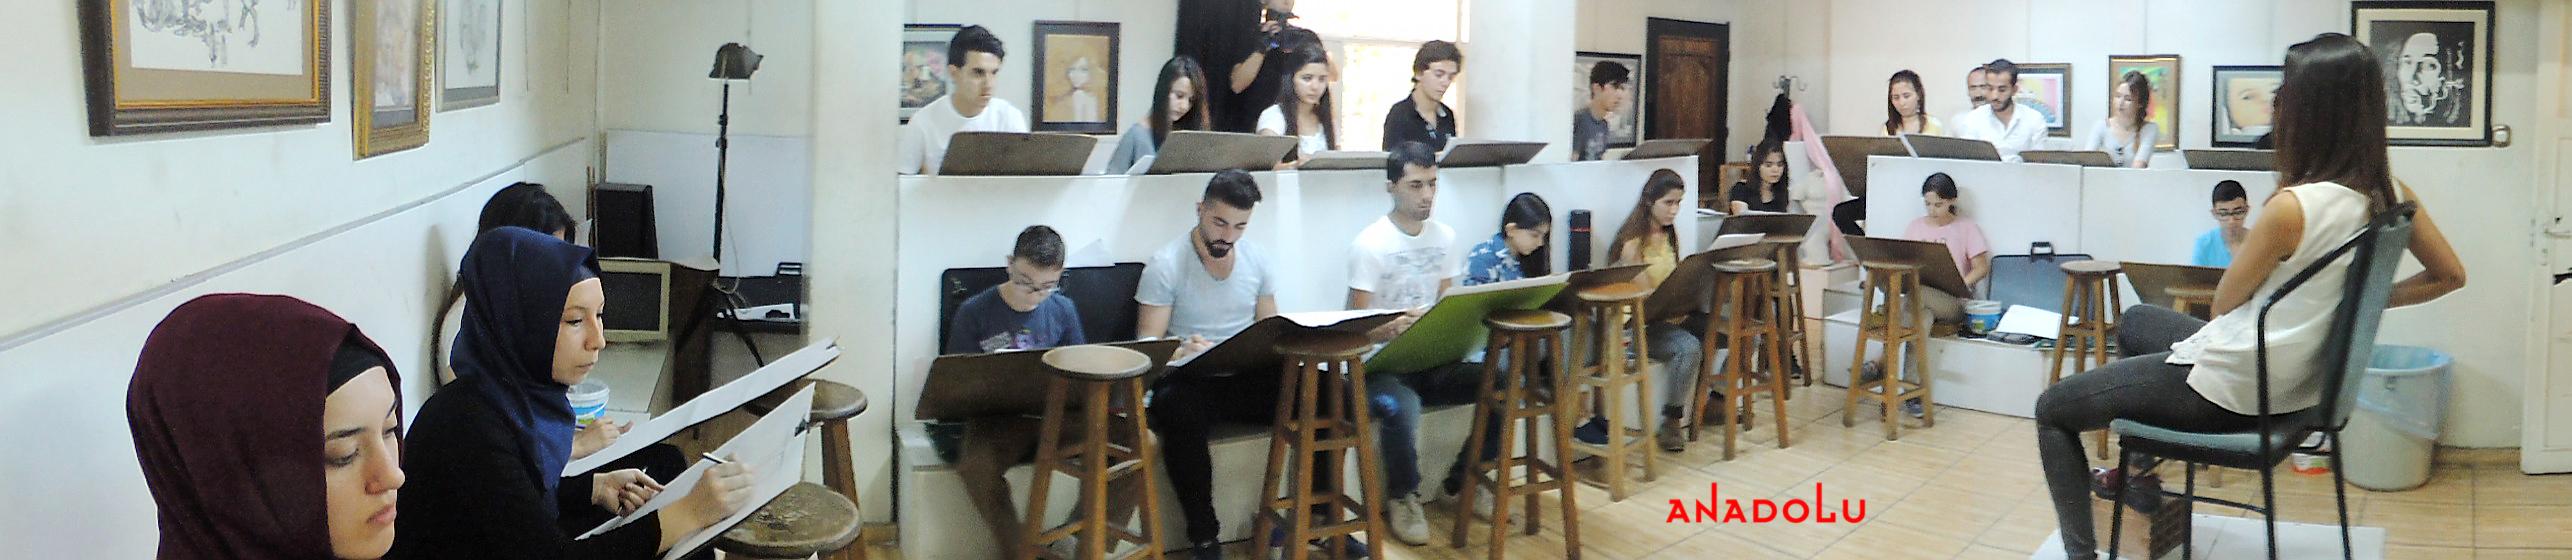 Güzel Sanatlara Fakülteleri Hazırlık Sınıfları Ankara